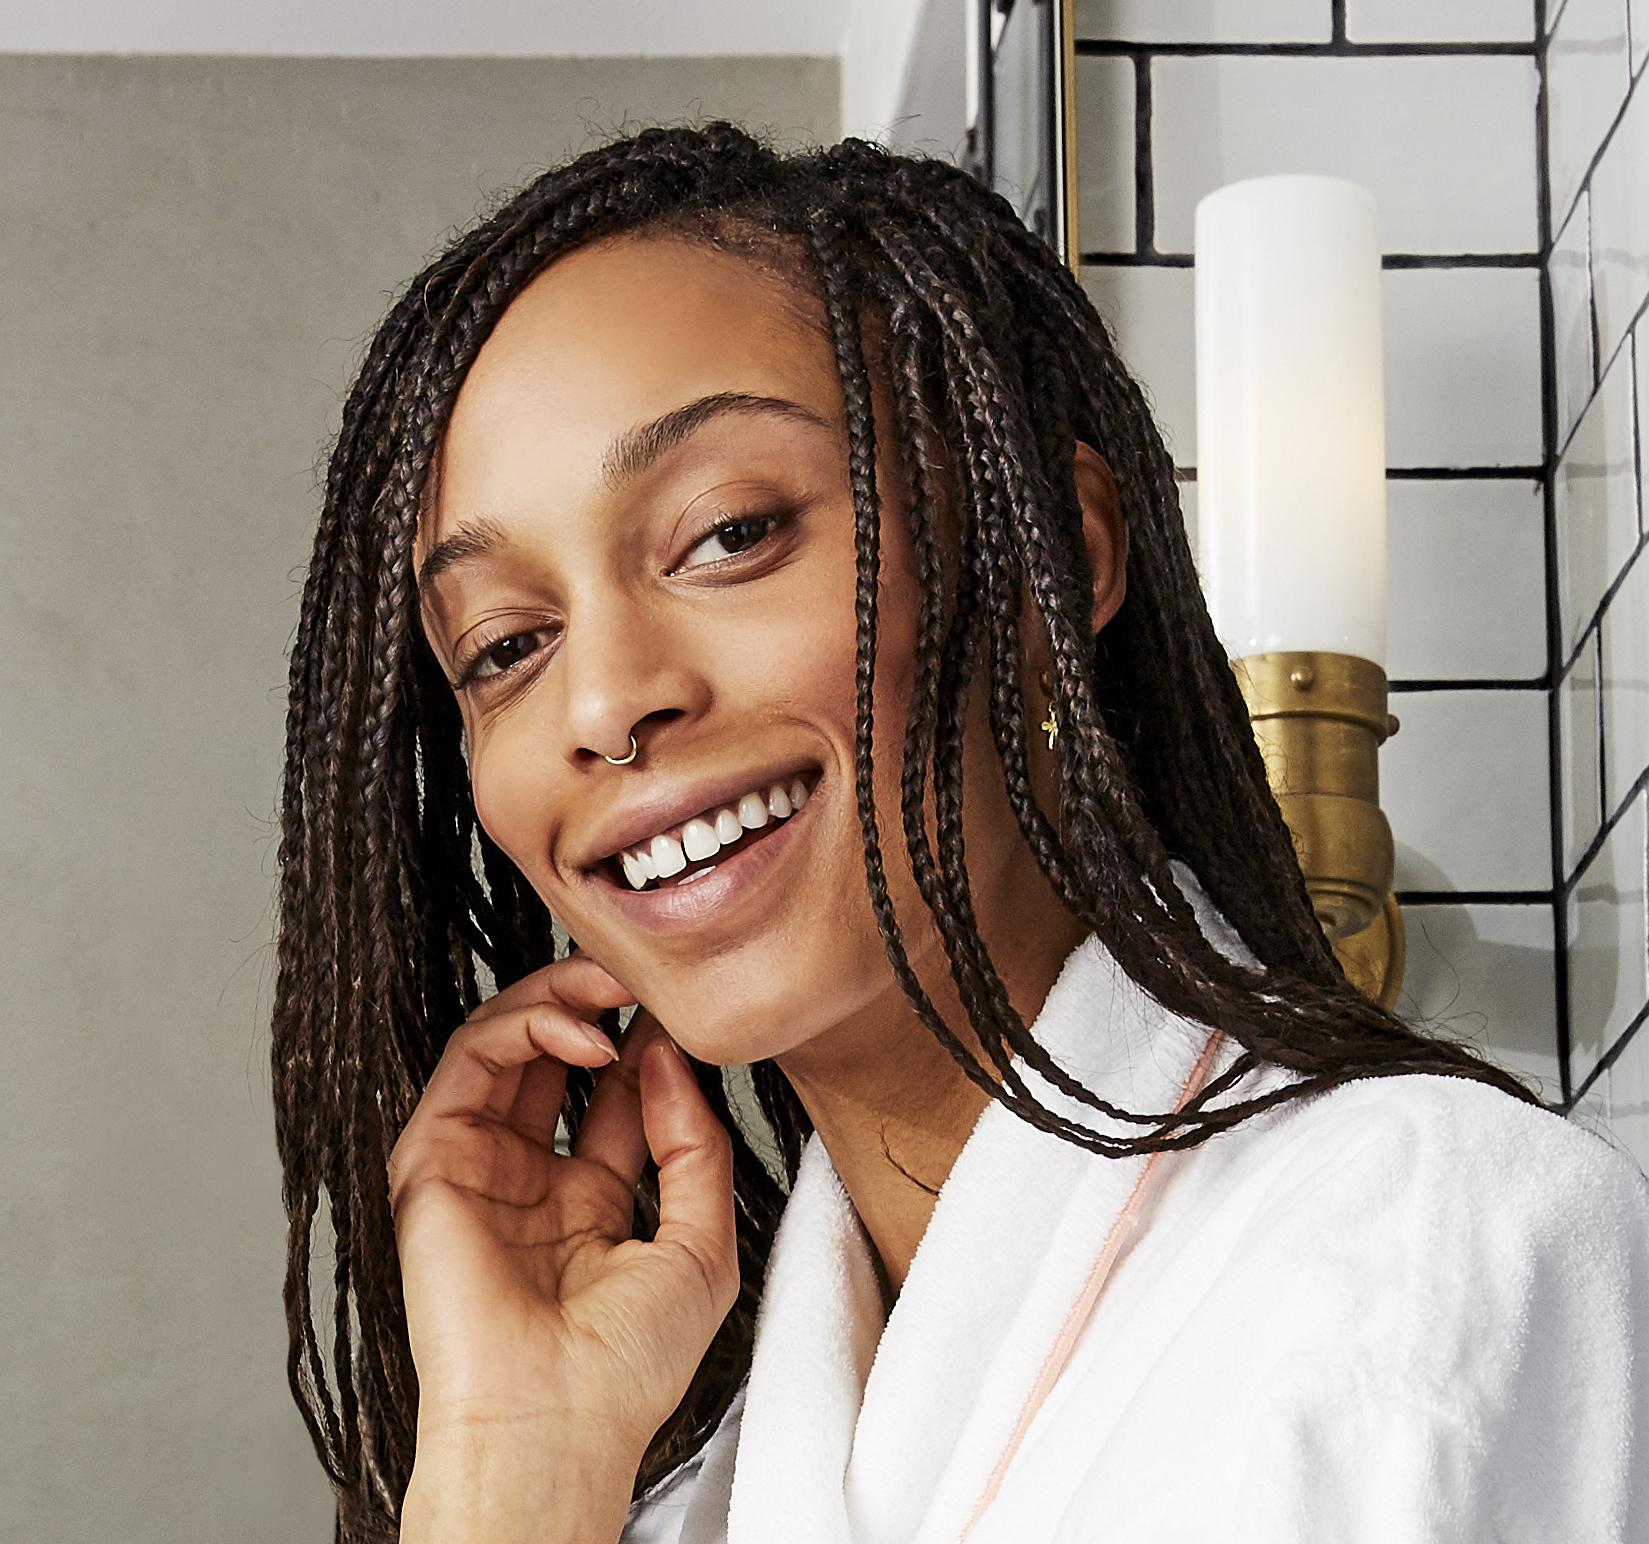 Prose model with braids posing in a bathrobe in a bathroom